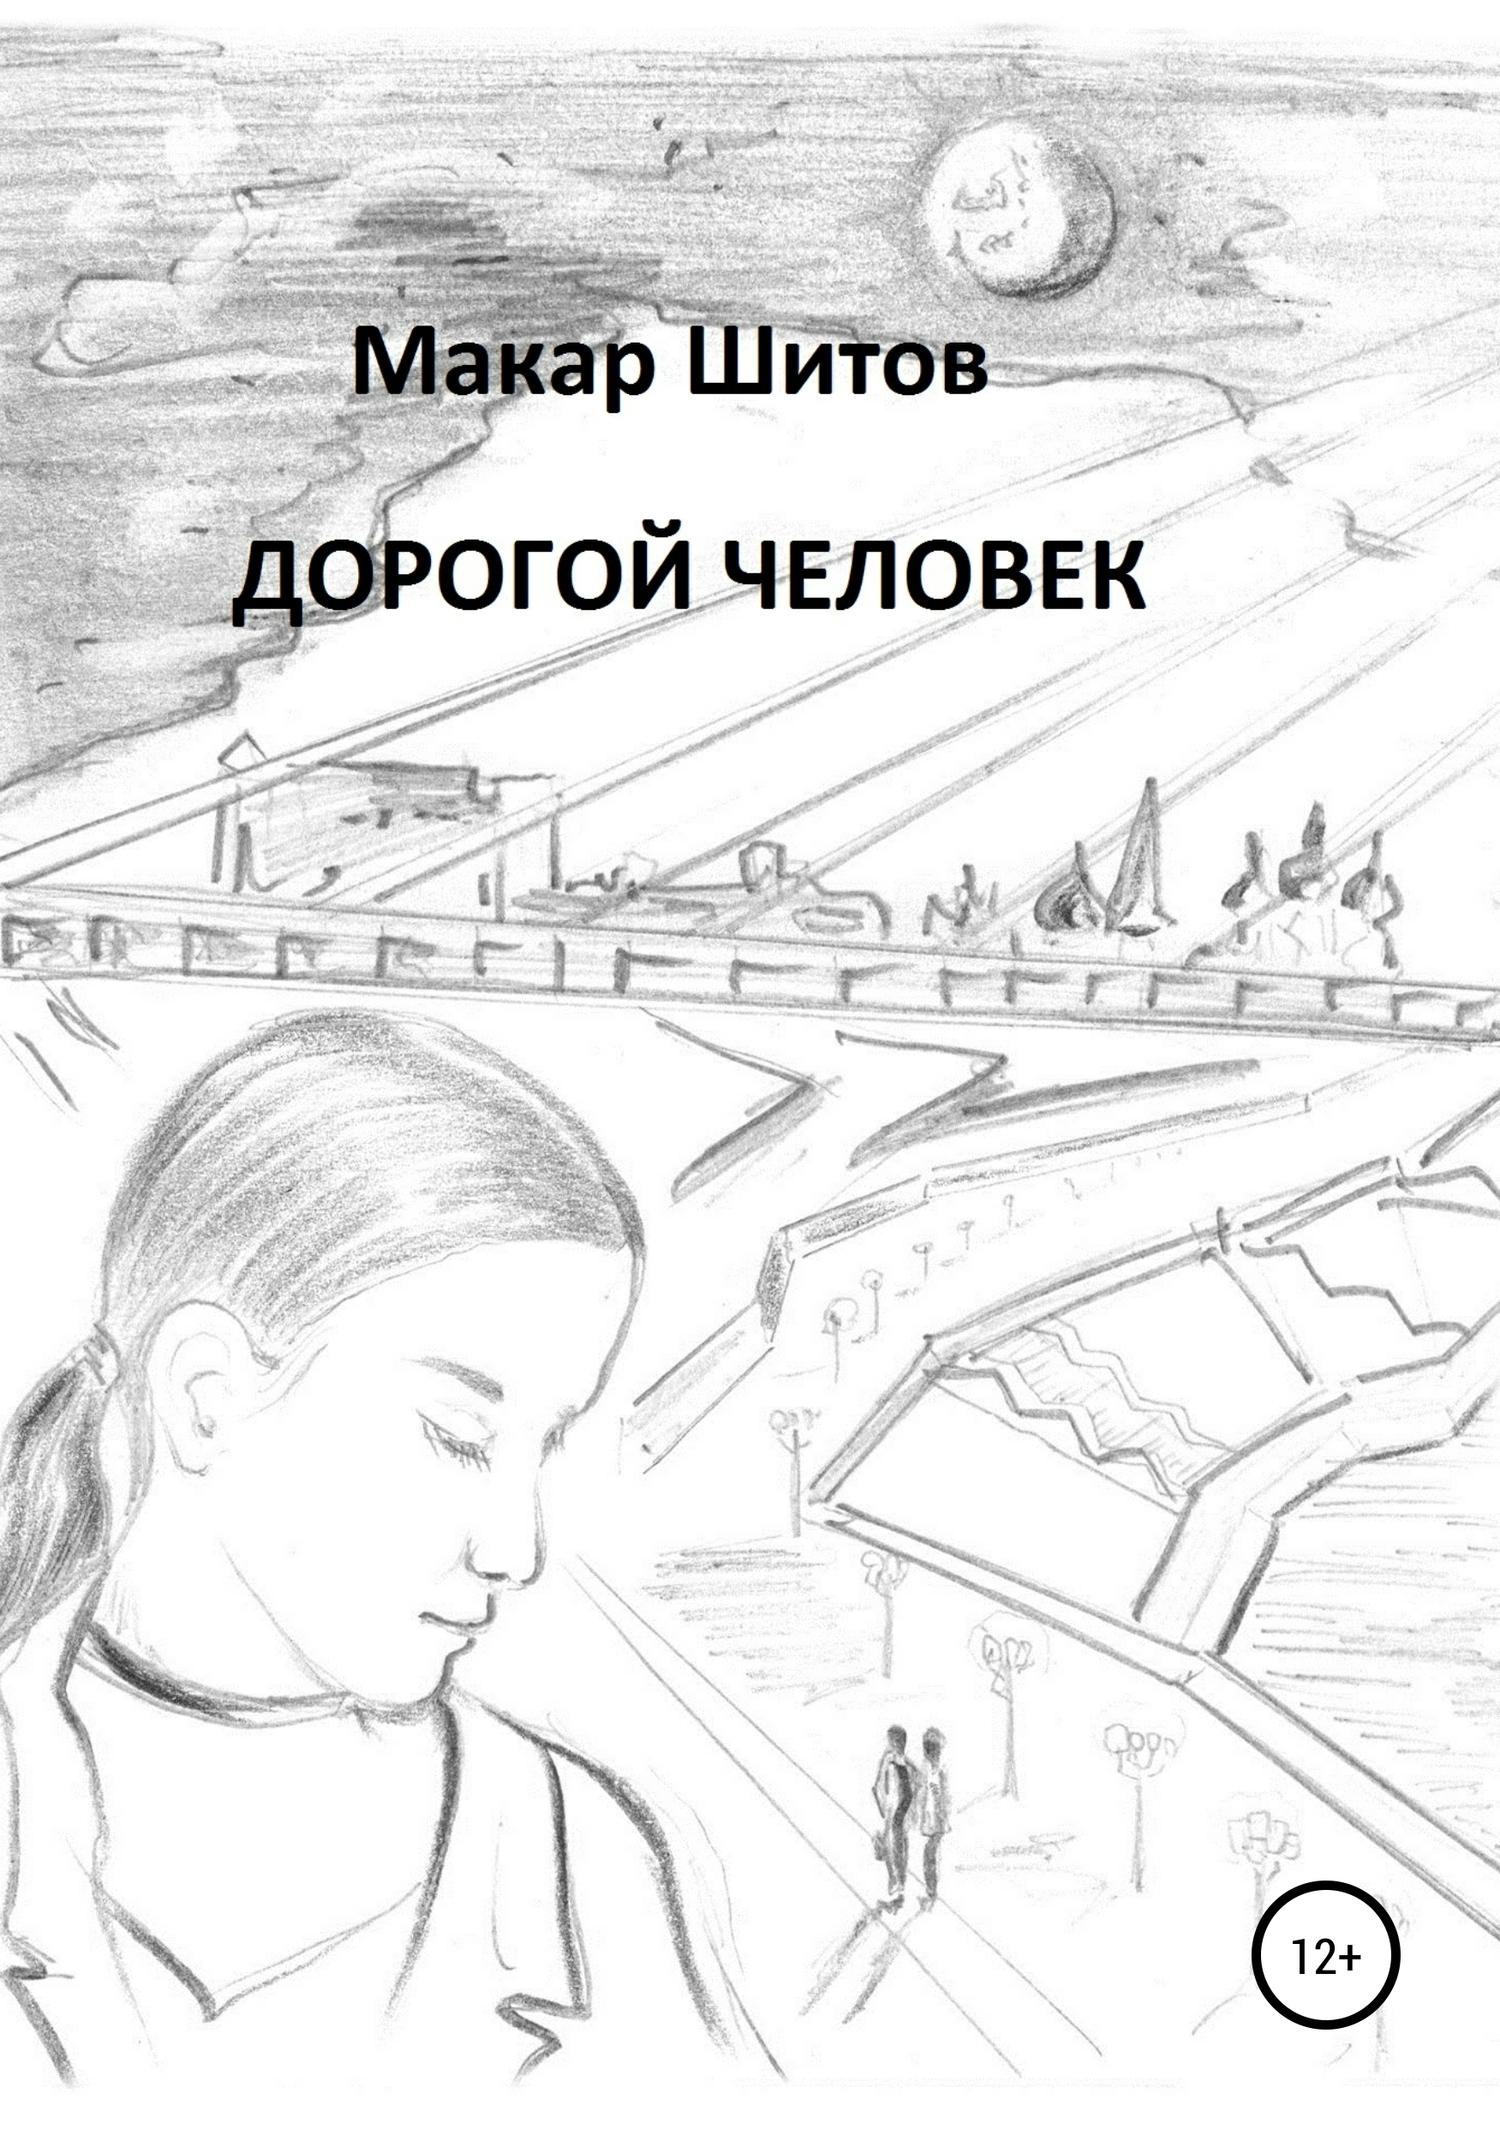 Макар Шитов - Дорогой человек